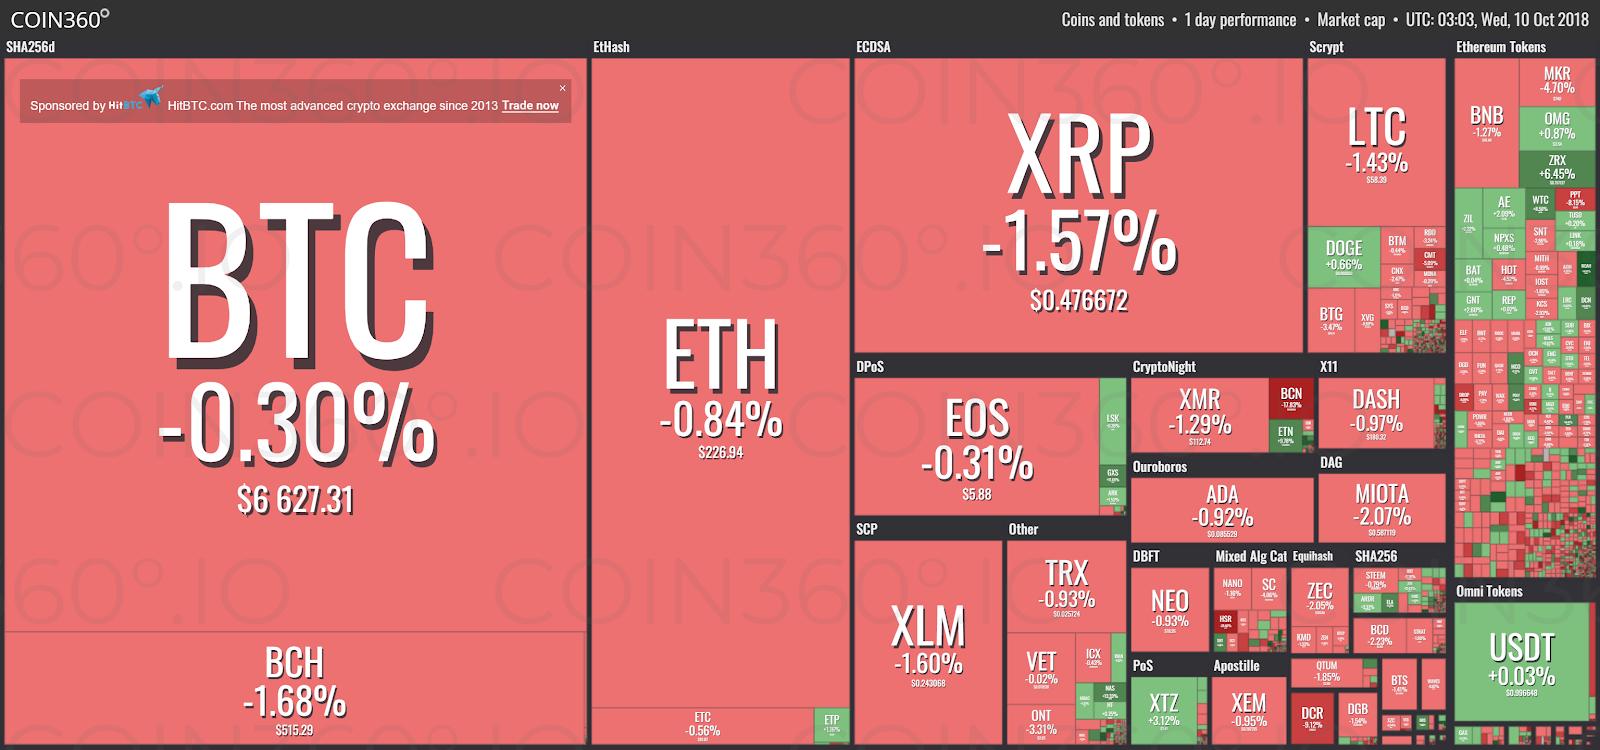 Visualización del mercado según Coin360